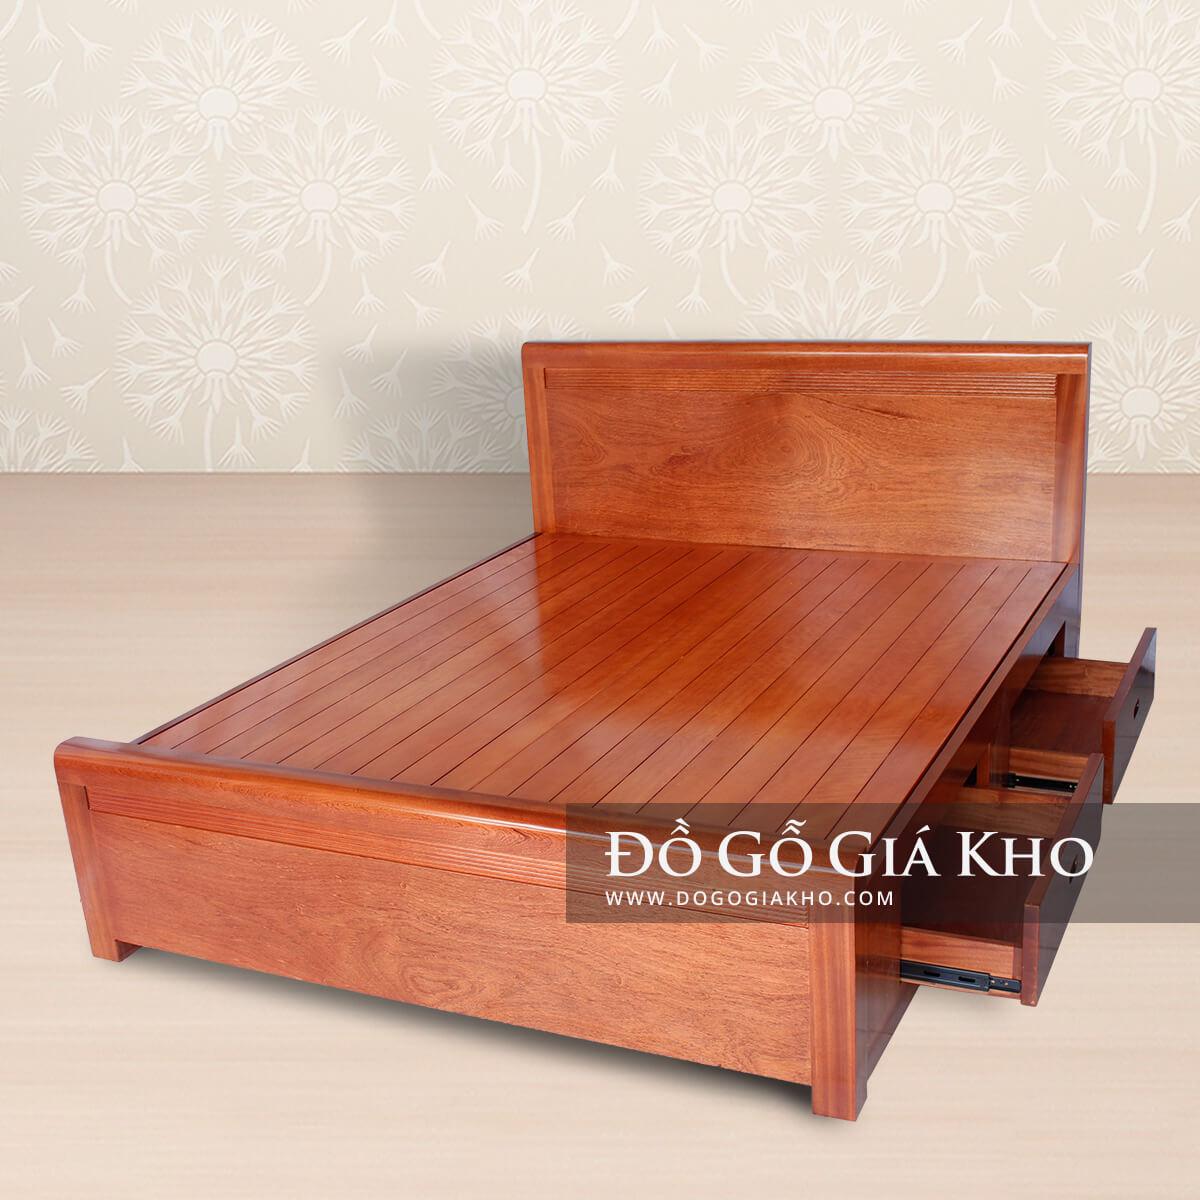 Xu hướng chọn giường gỗ năm 2019